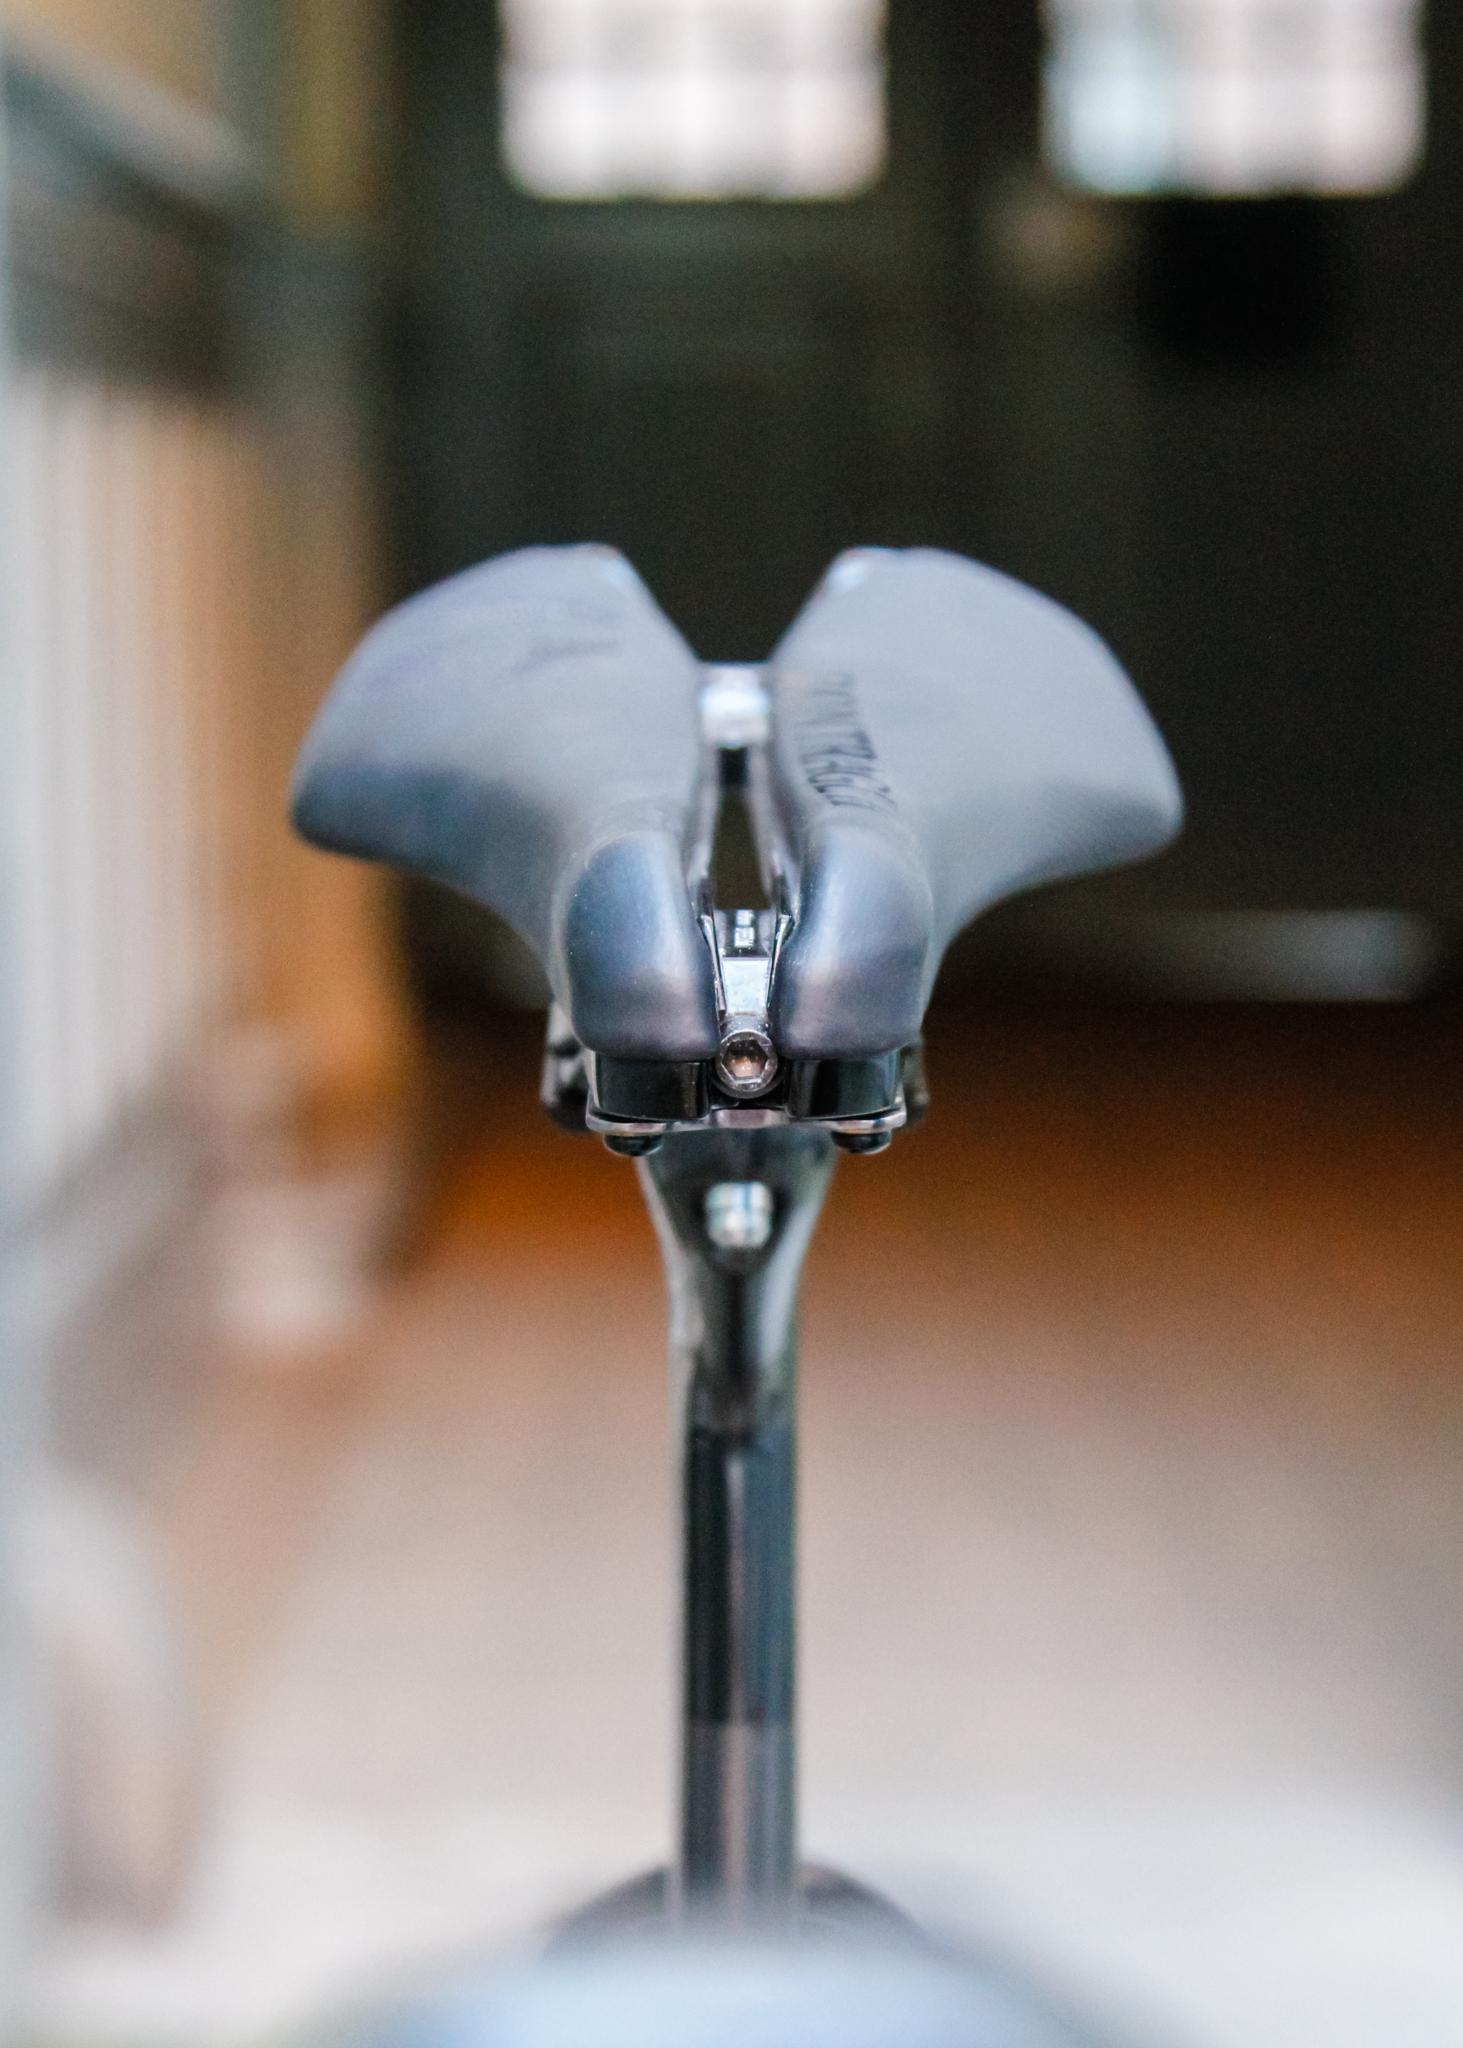 Sadlen er smal i spidsen og der er mulighed for at stille bredden af spidsen på umbarco skruen foran